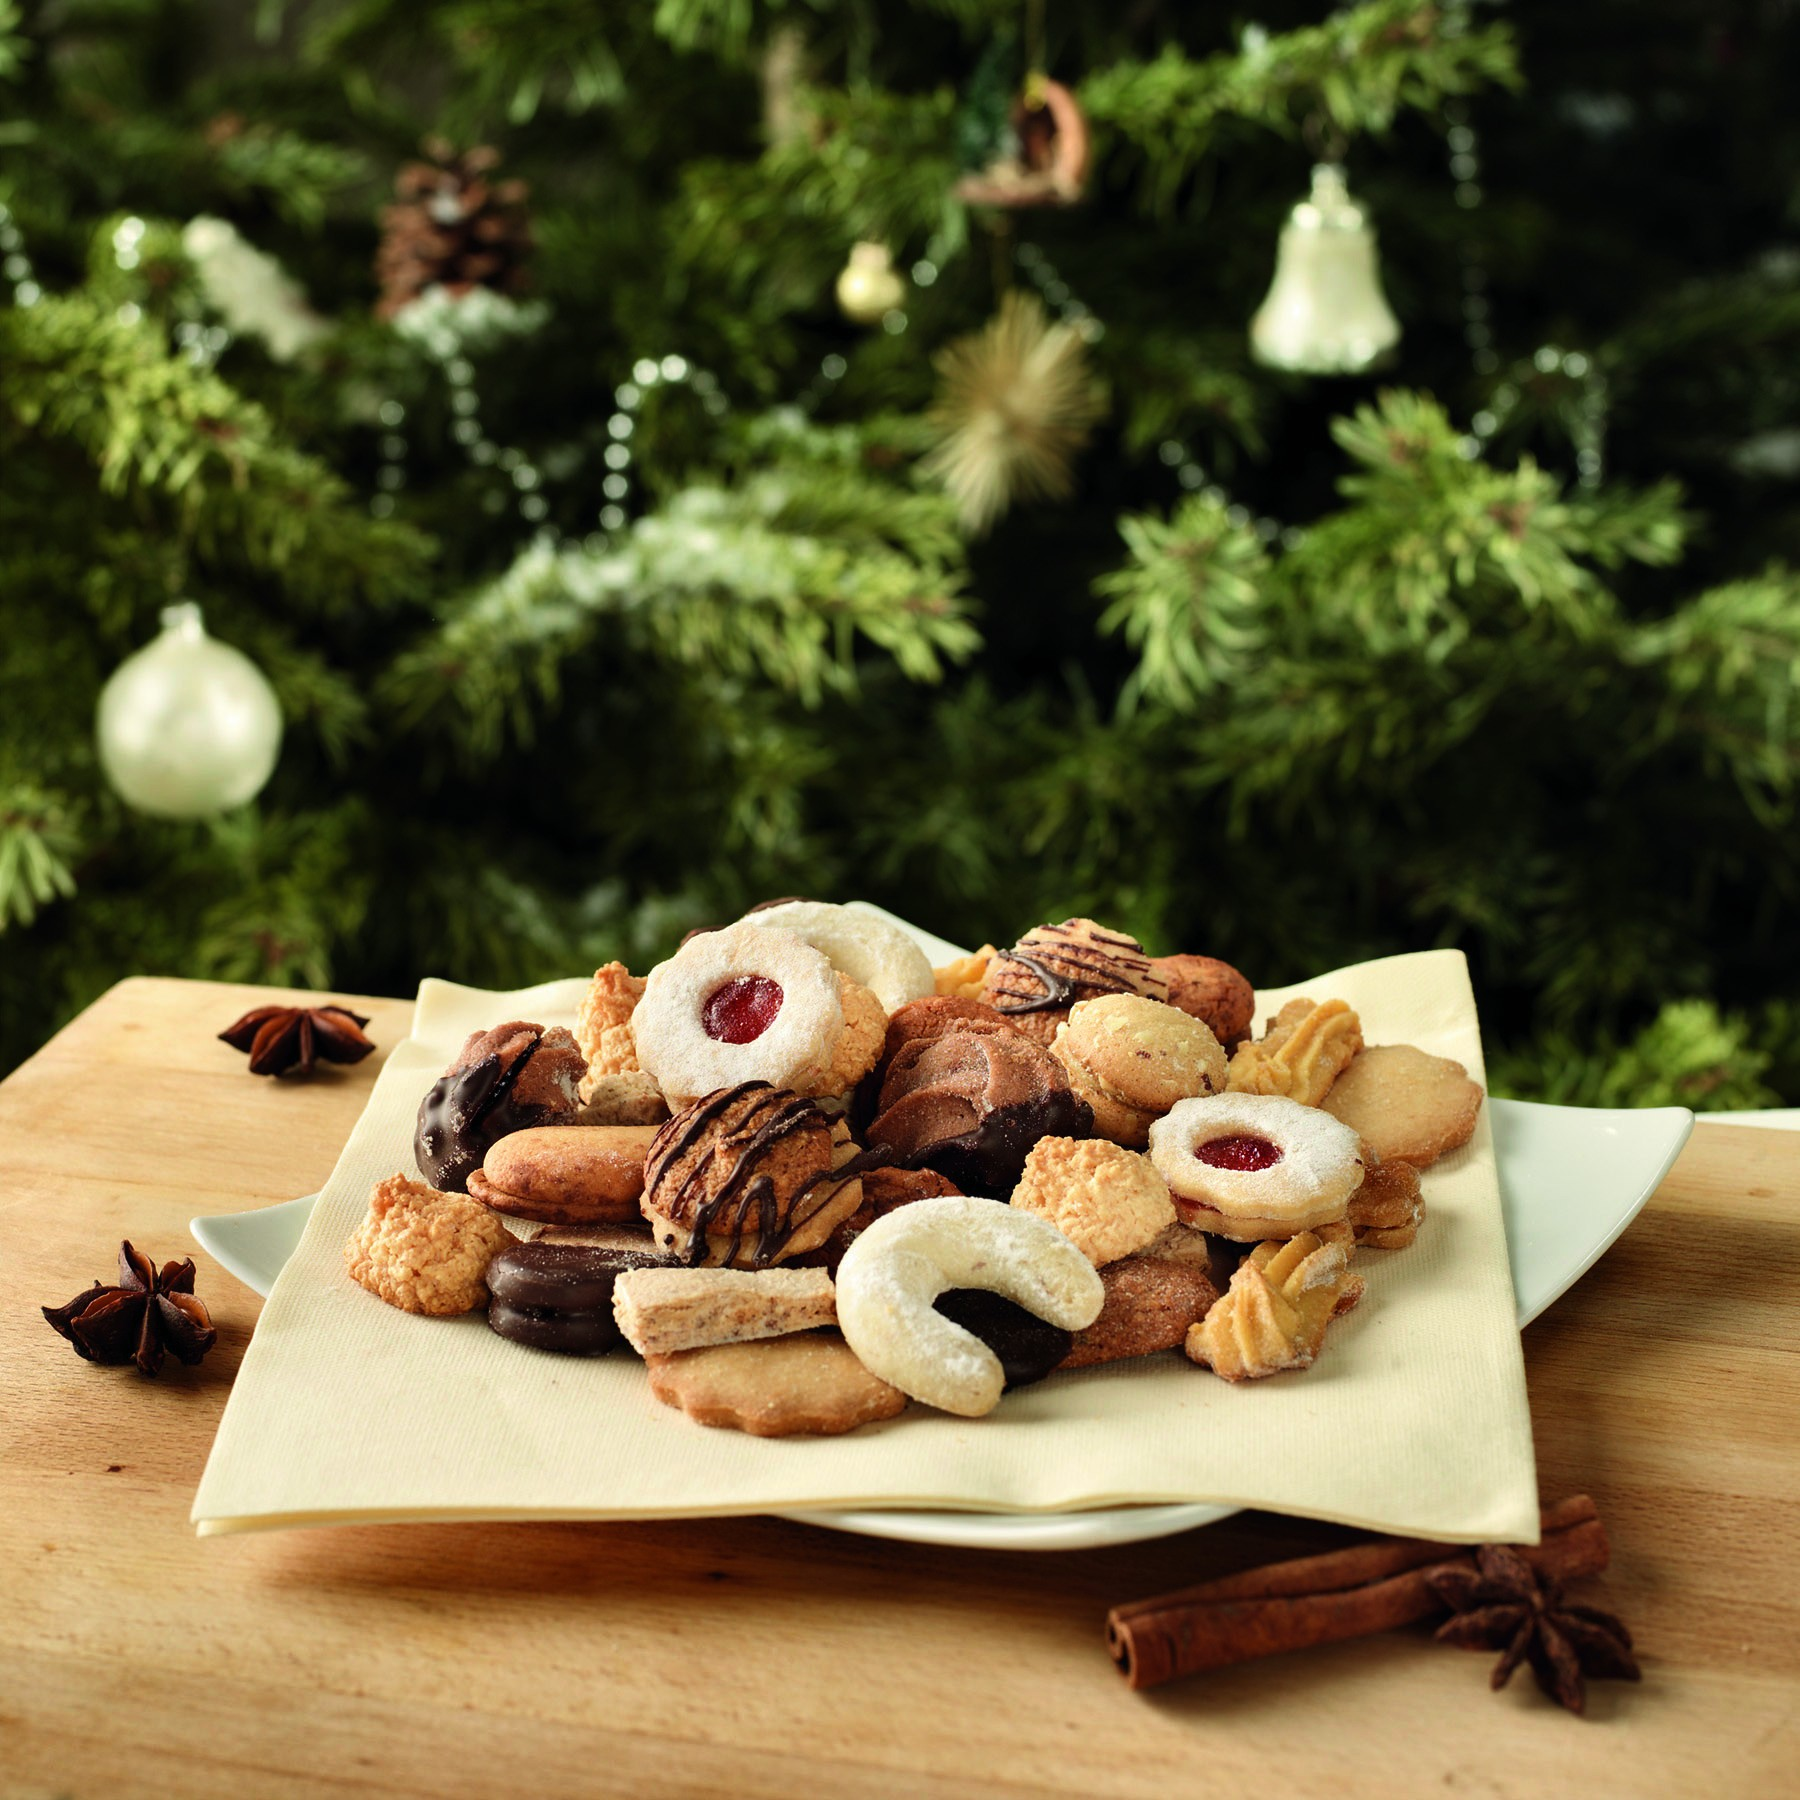 Piatto di biscottini natalizi sul tavolo davanti all'albero di Natale